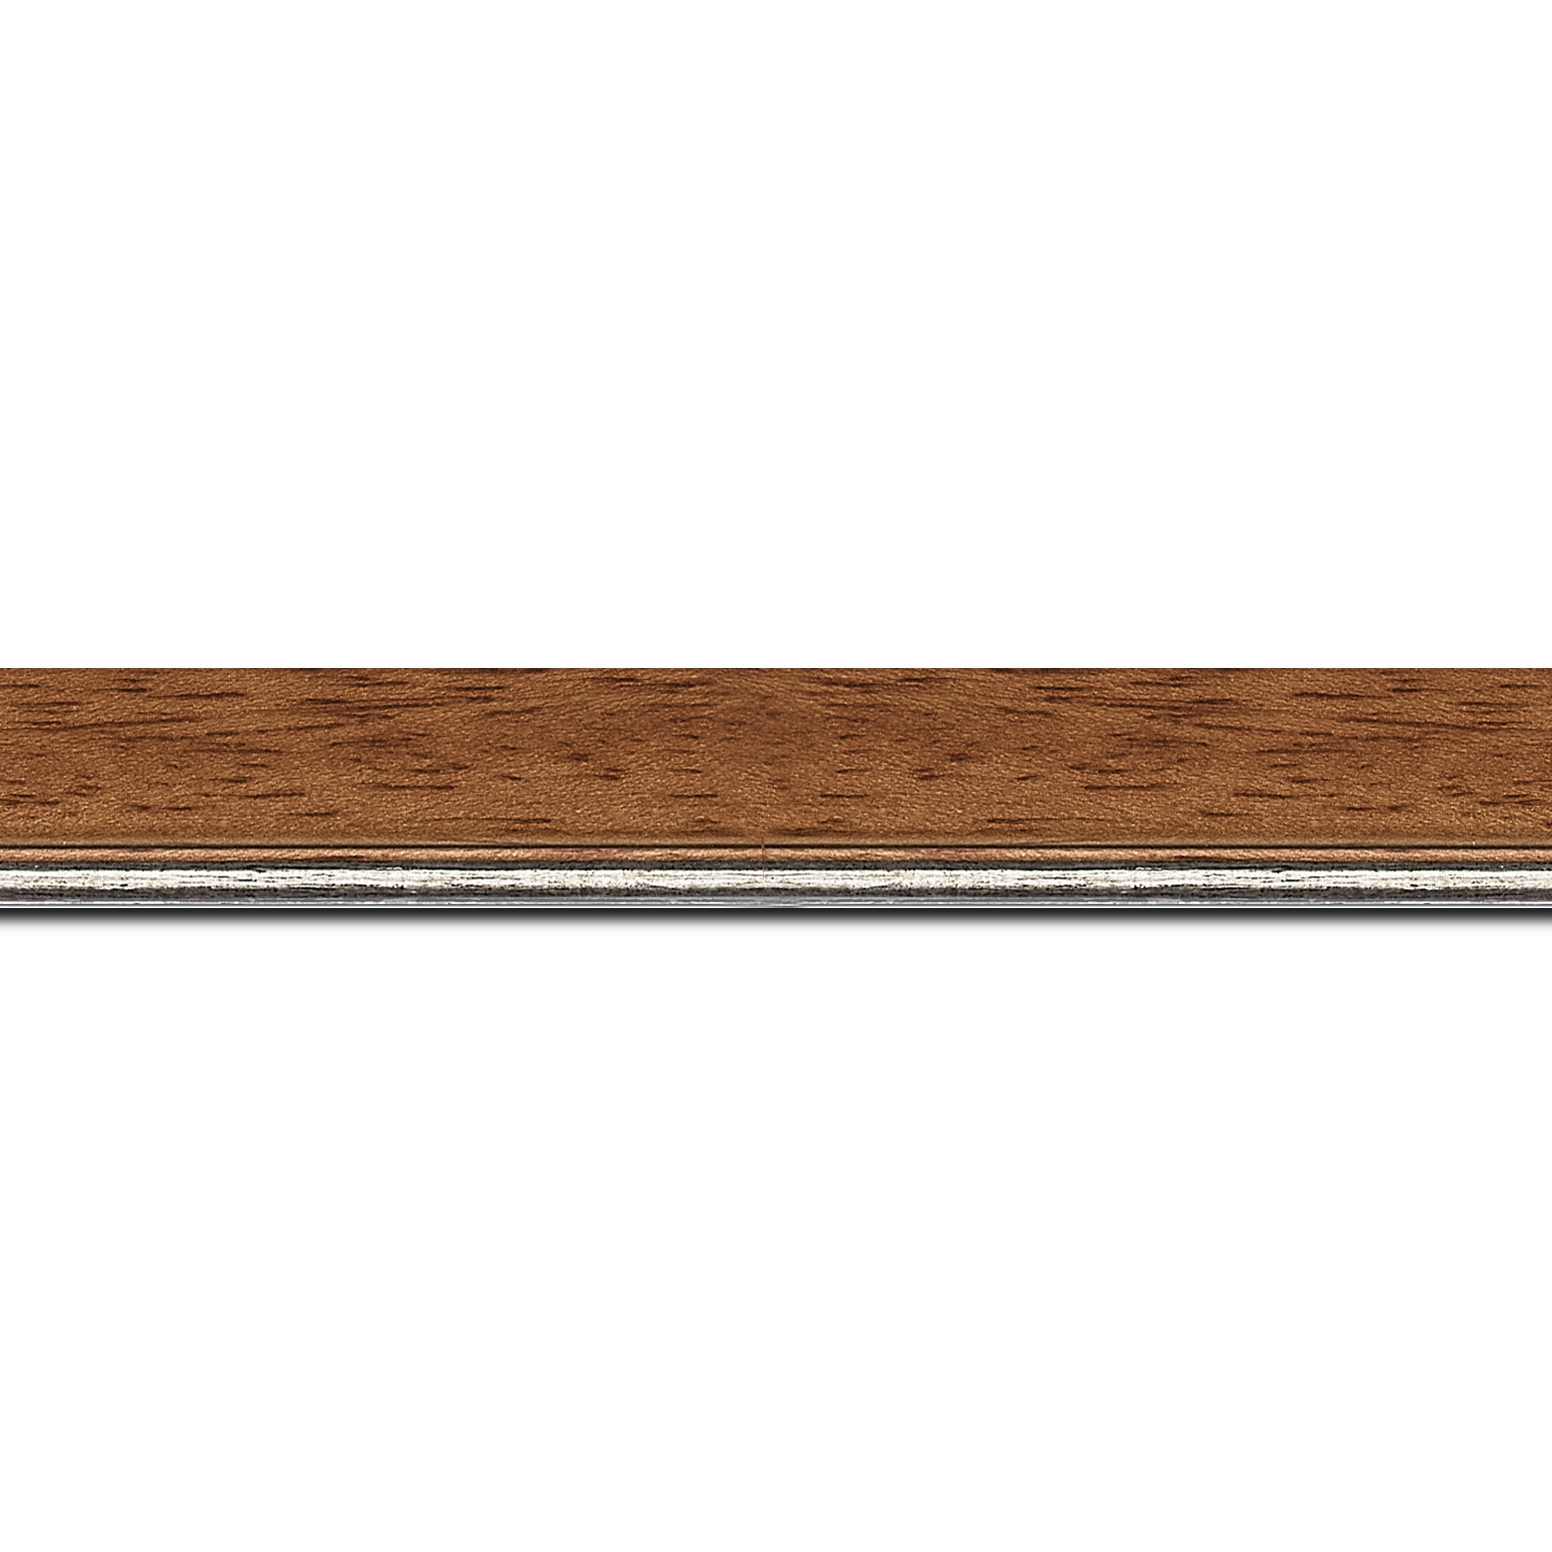 Pack par 12m, bois profil plat largeur 2.5cm couleur marron ton bois filet argent (longueur baguette pouvant varier entre 2.40m et 3m selon arrivage des bois)